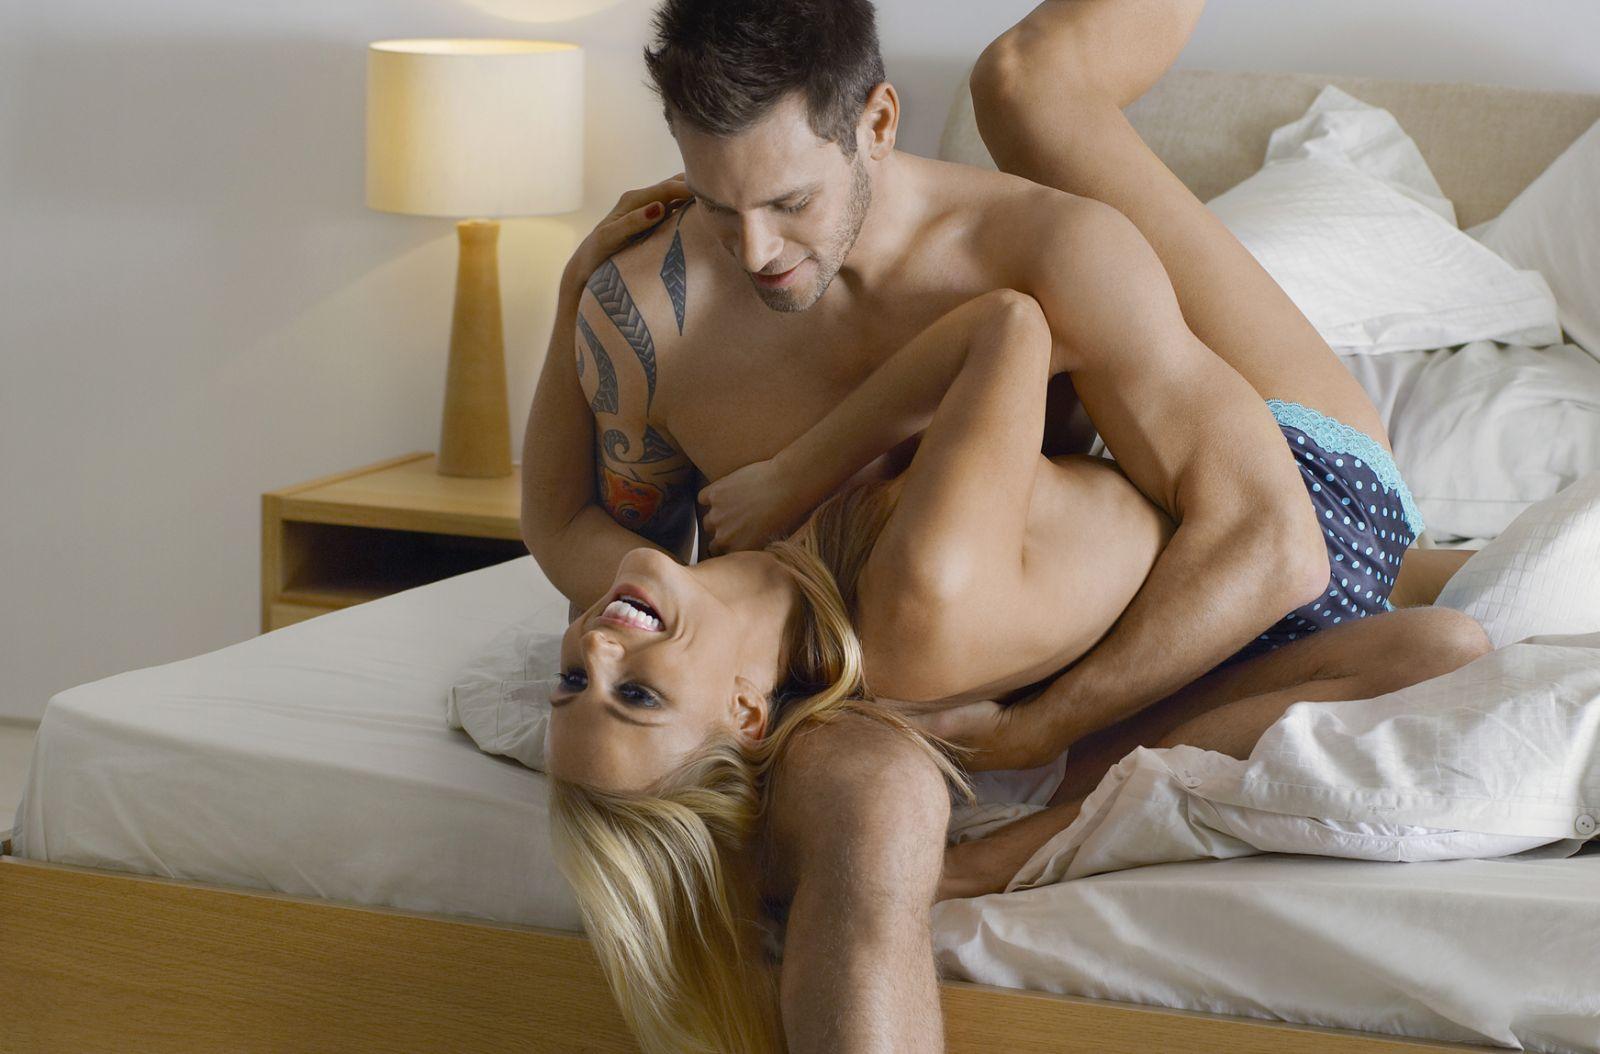 Що таке грубий секс як ним займатися 11 фотография